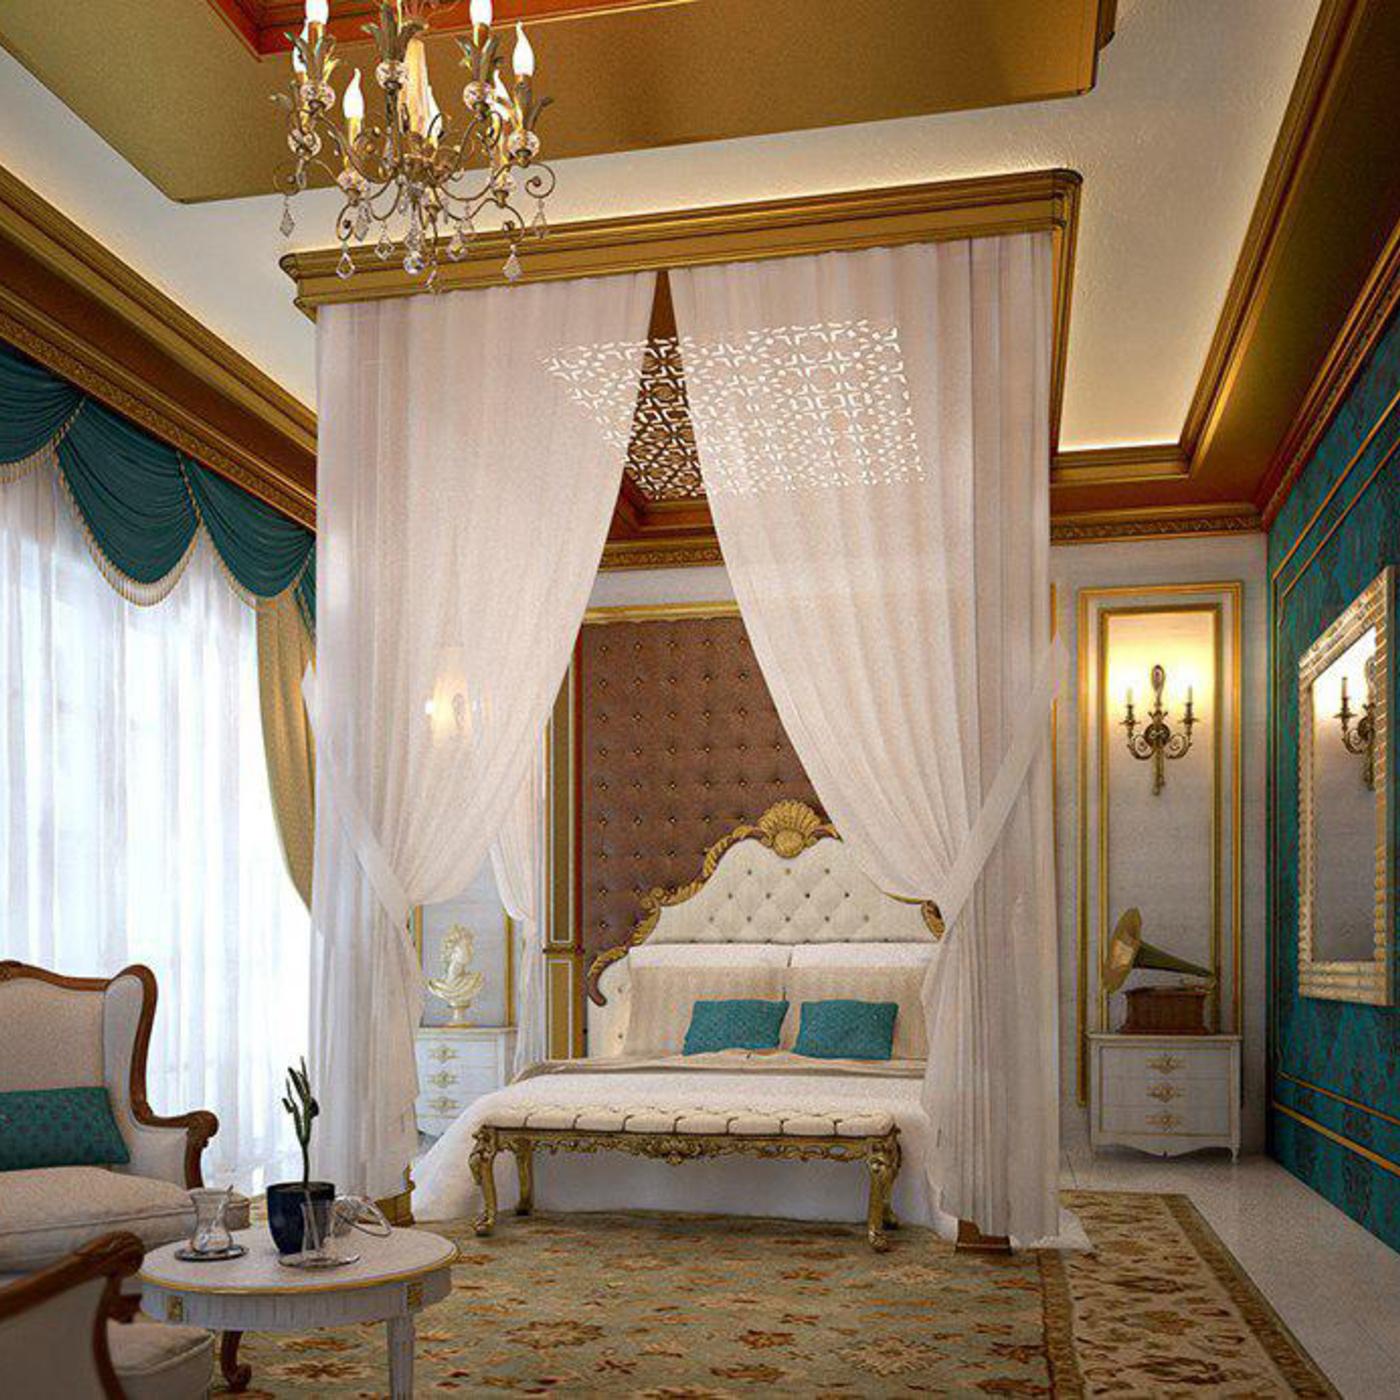 Hotel Interiors